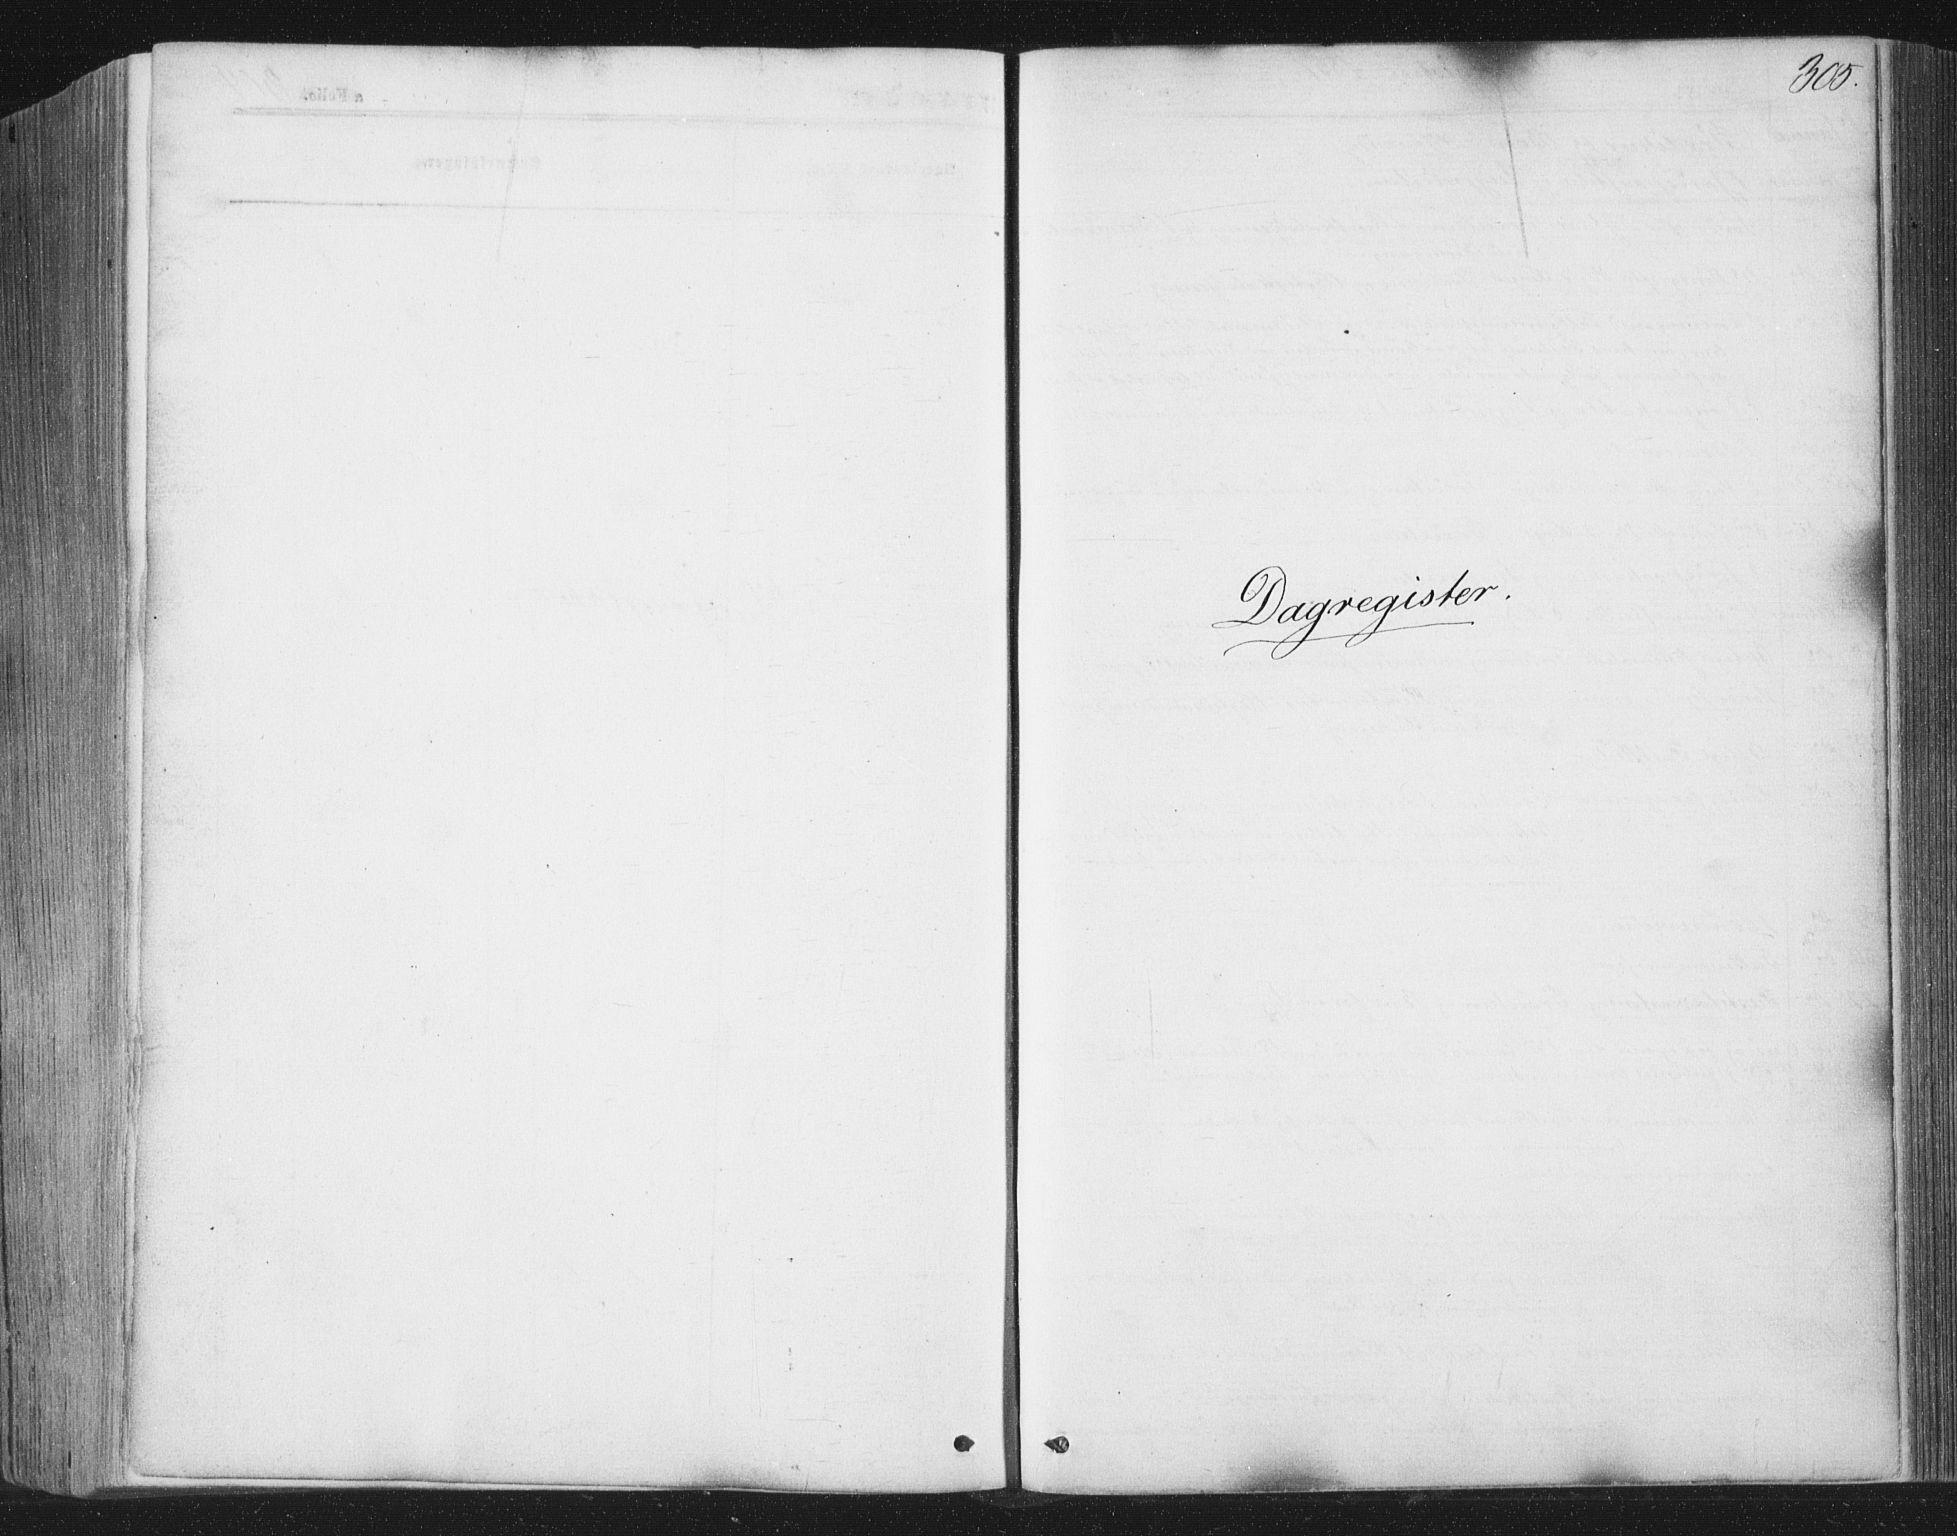 SAT, Ministerialprotokoller, klokkerbøker og fødselsregistre - Nord-Trøndelag, 749/L0472: Ministerialbok nr. 749A06, 1857-1873, s. 305